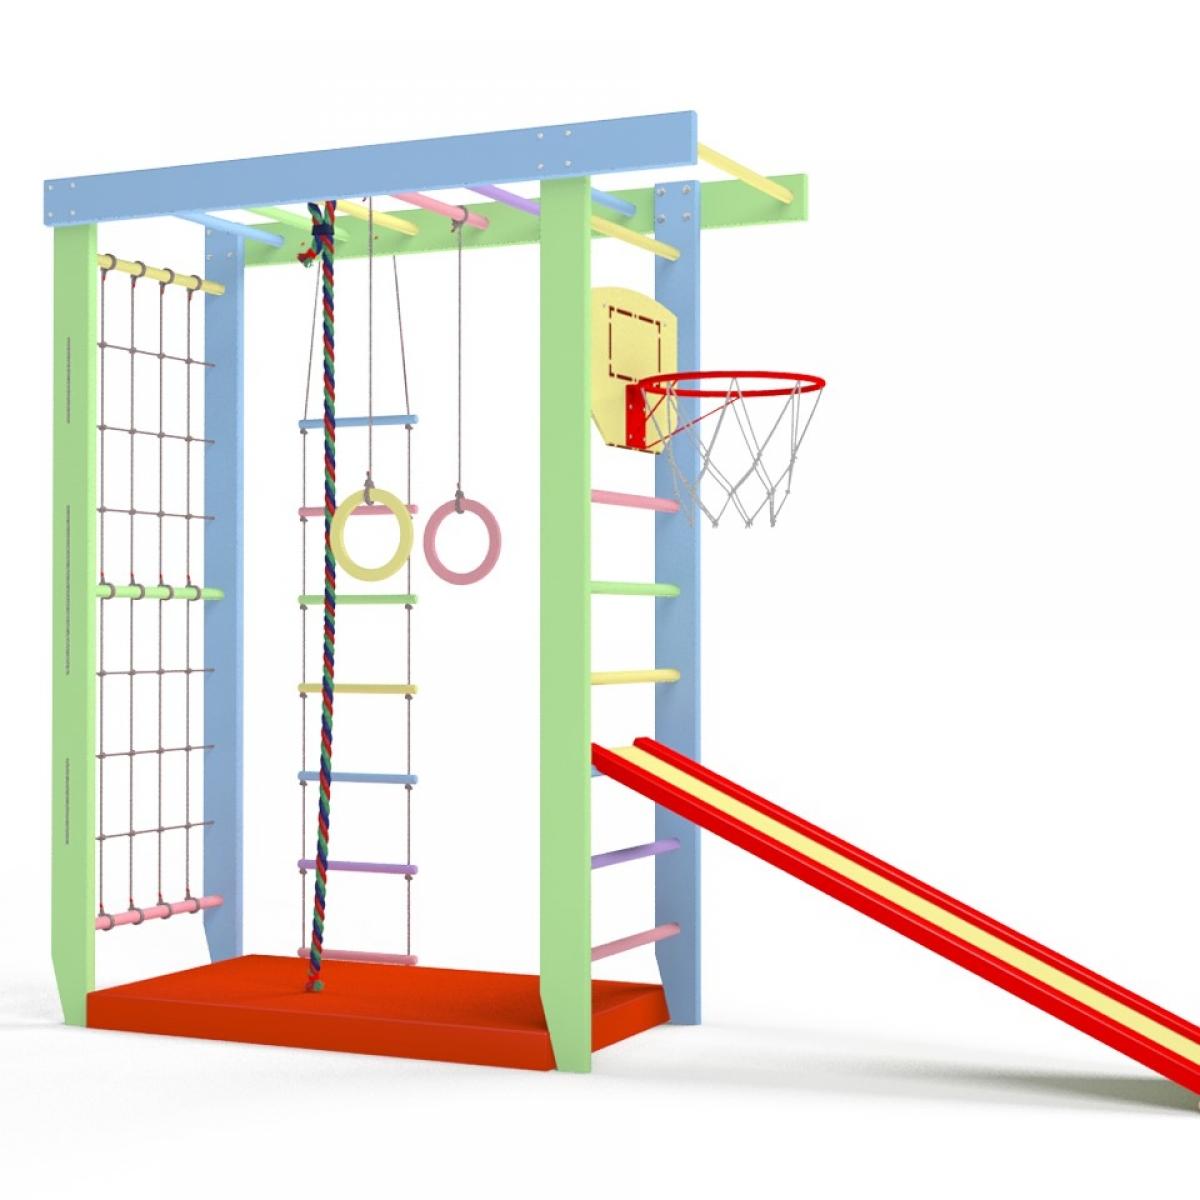 Игровой комплекс Крепыш П-образный с верхним турником (шведская-гладиаторская стенка)